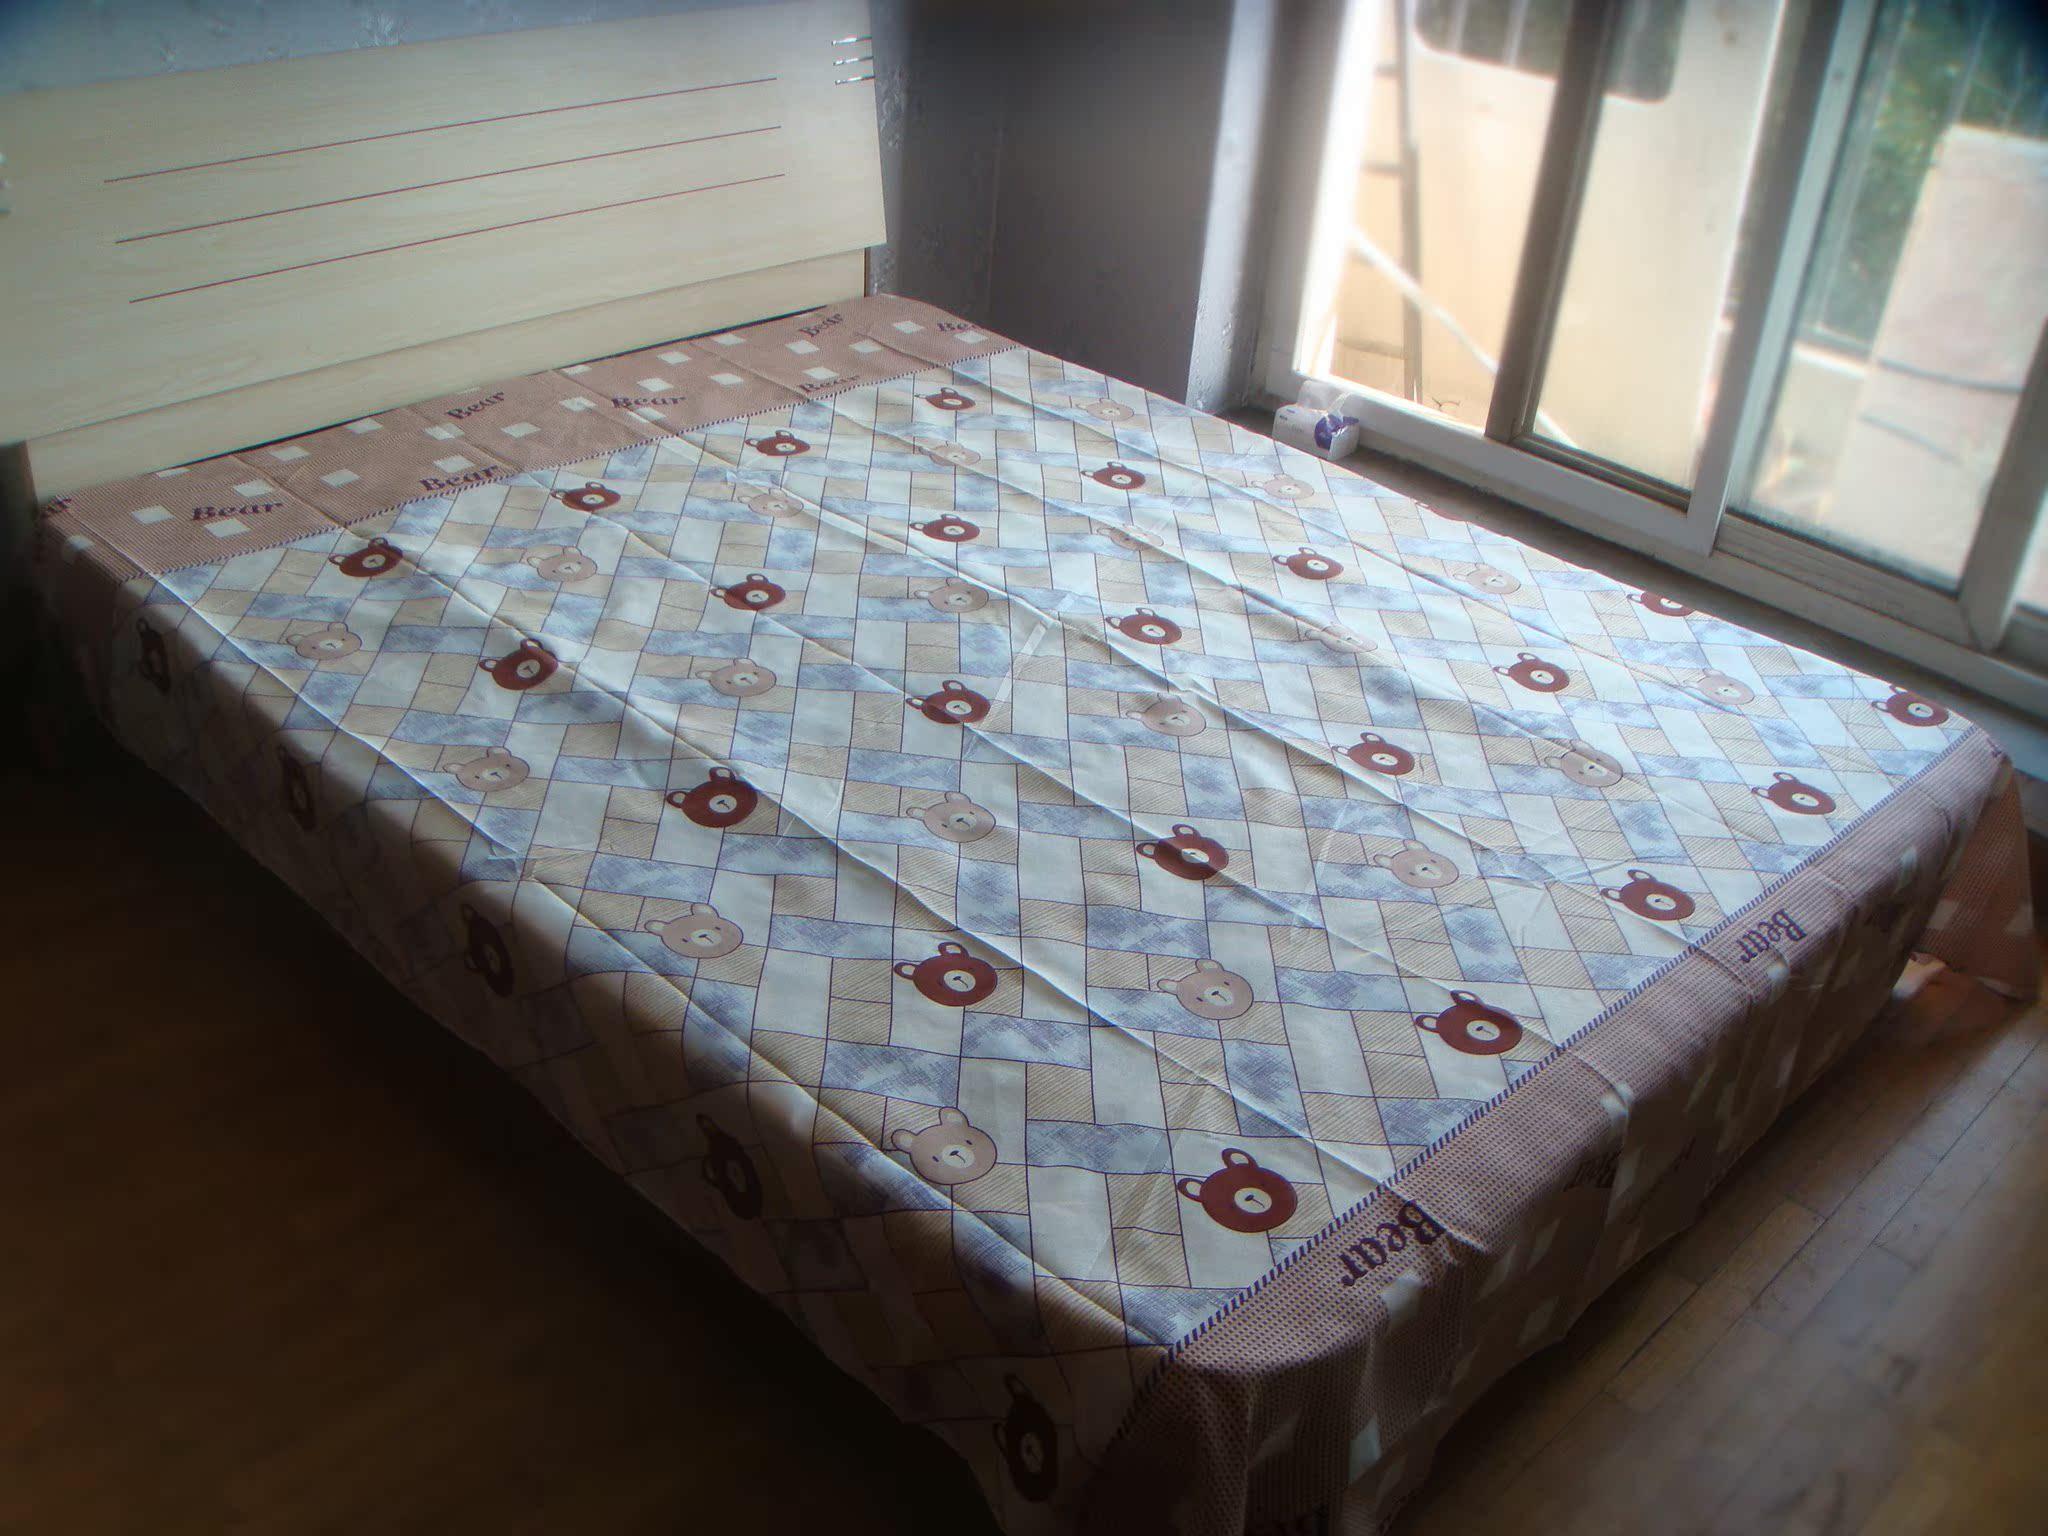 2017夏季新款 秒杀 床单便宜出售 图案漂亮 床单 5条包邮BGLLM2